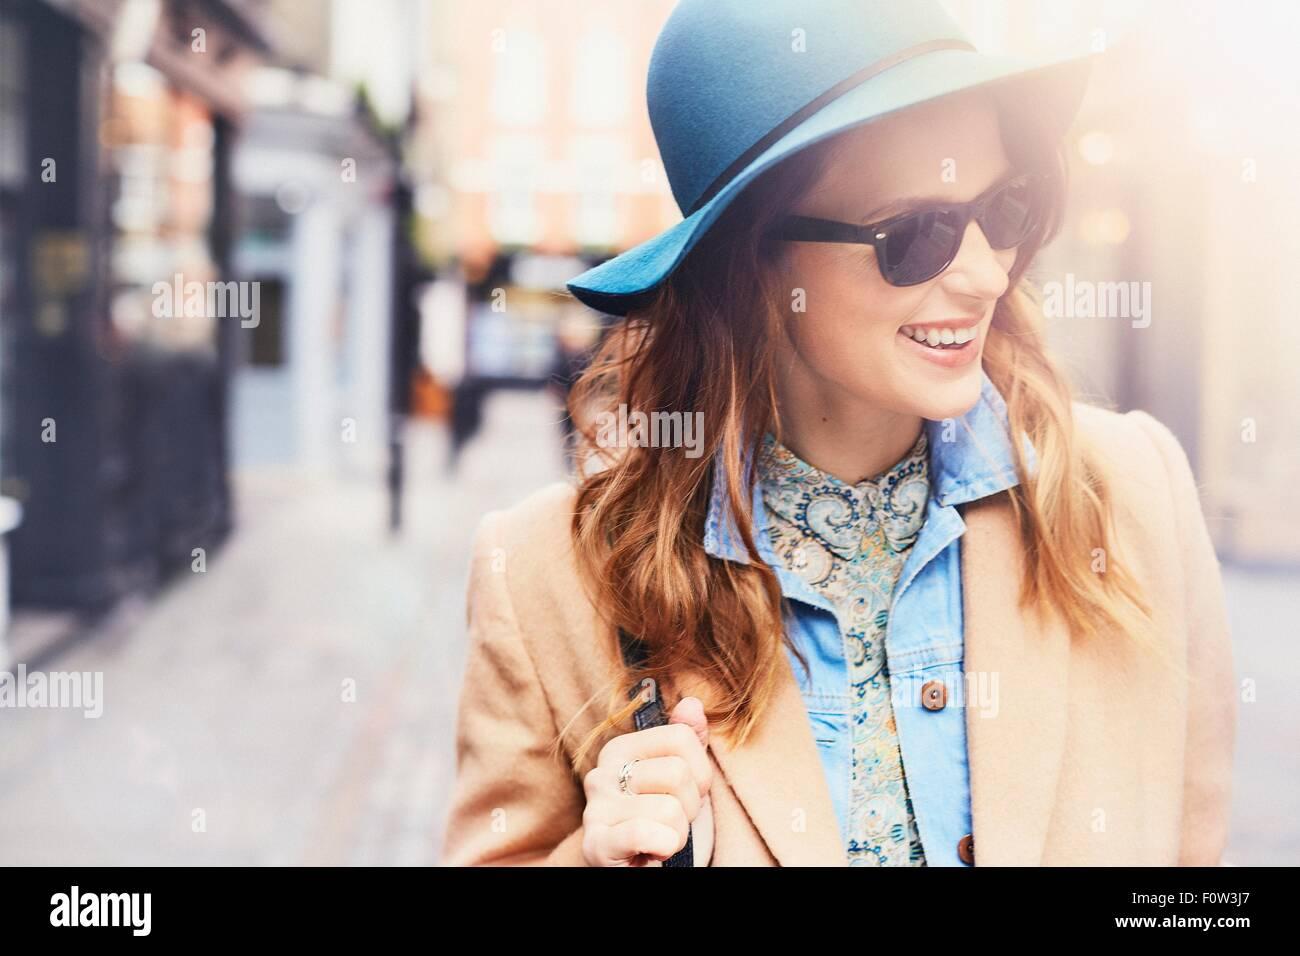 Moda giovane femmina shopper feltro che indossa un cappello e occhiali da sole, London, Regno Unito Immagini Stock